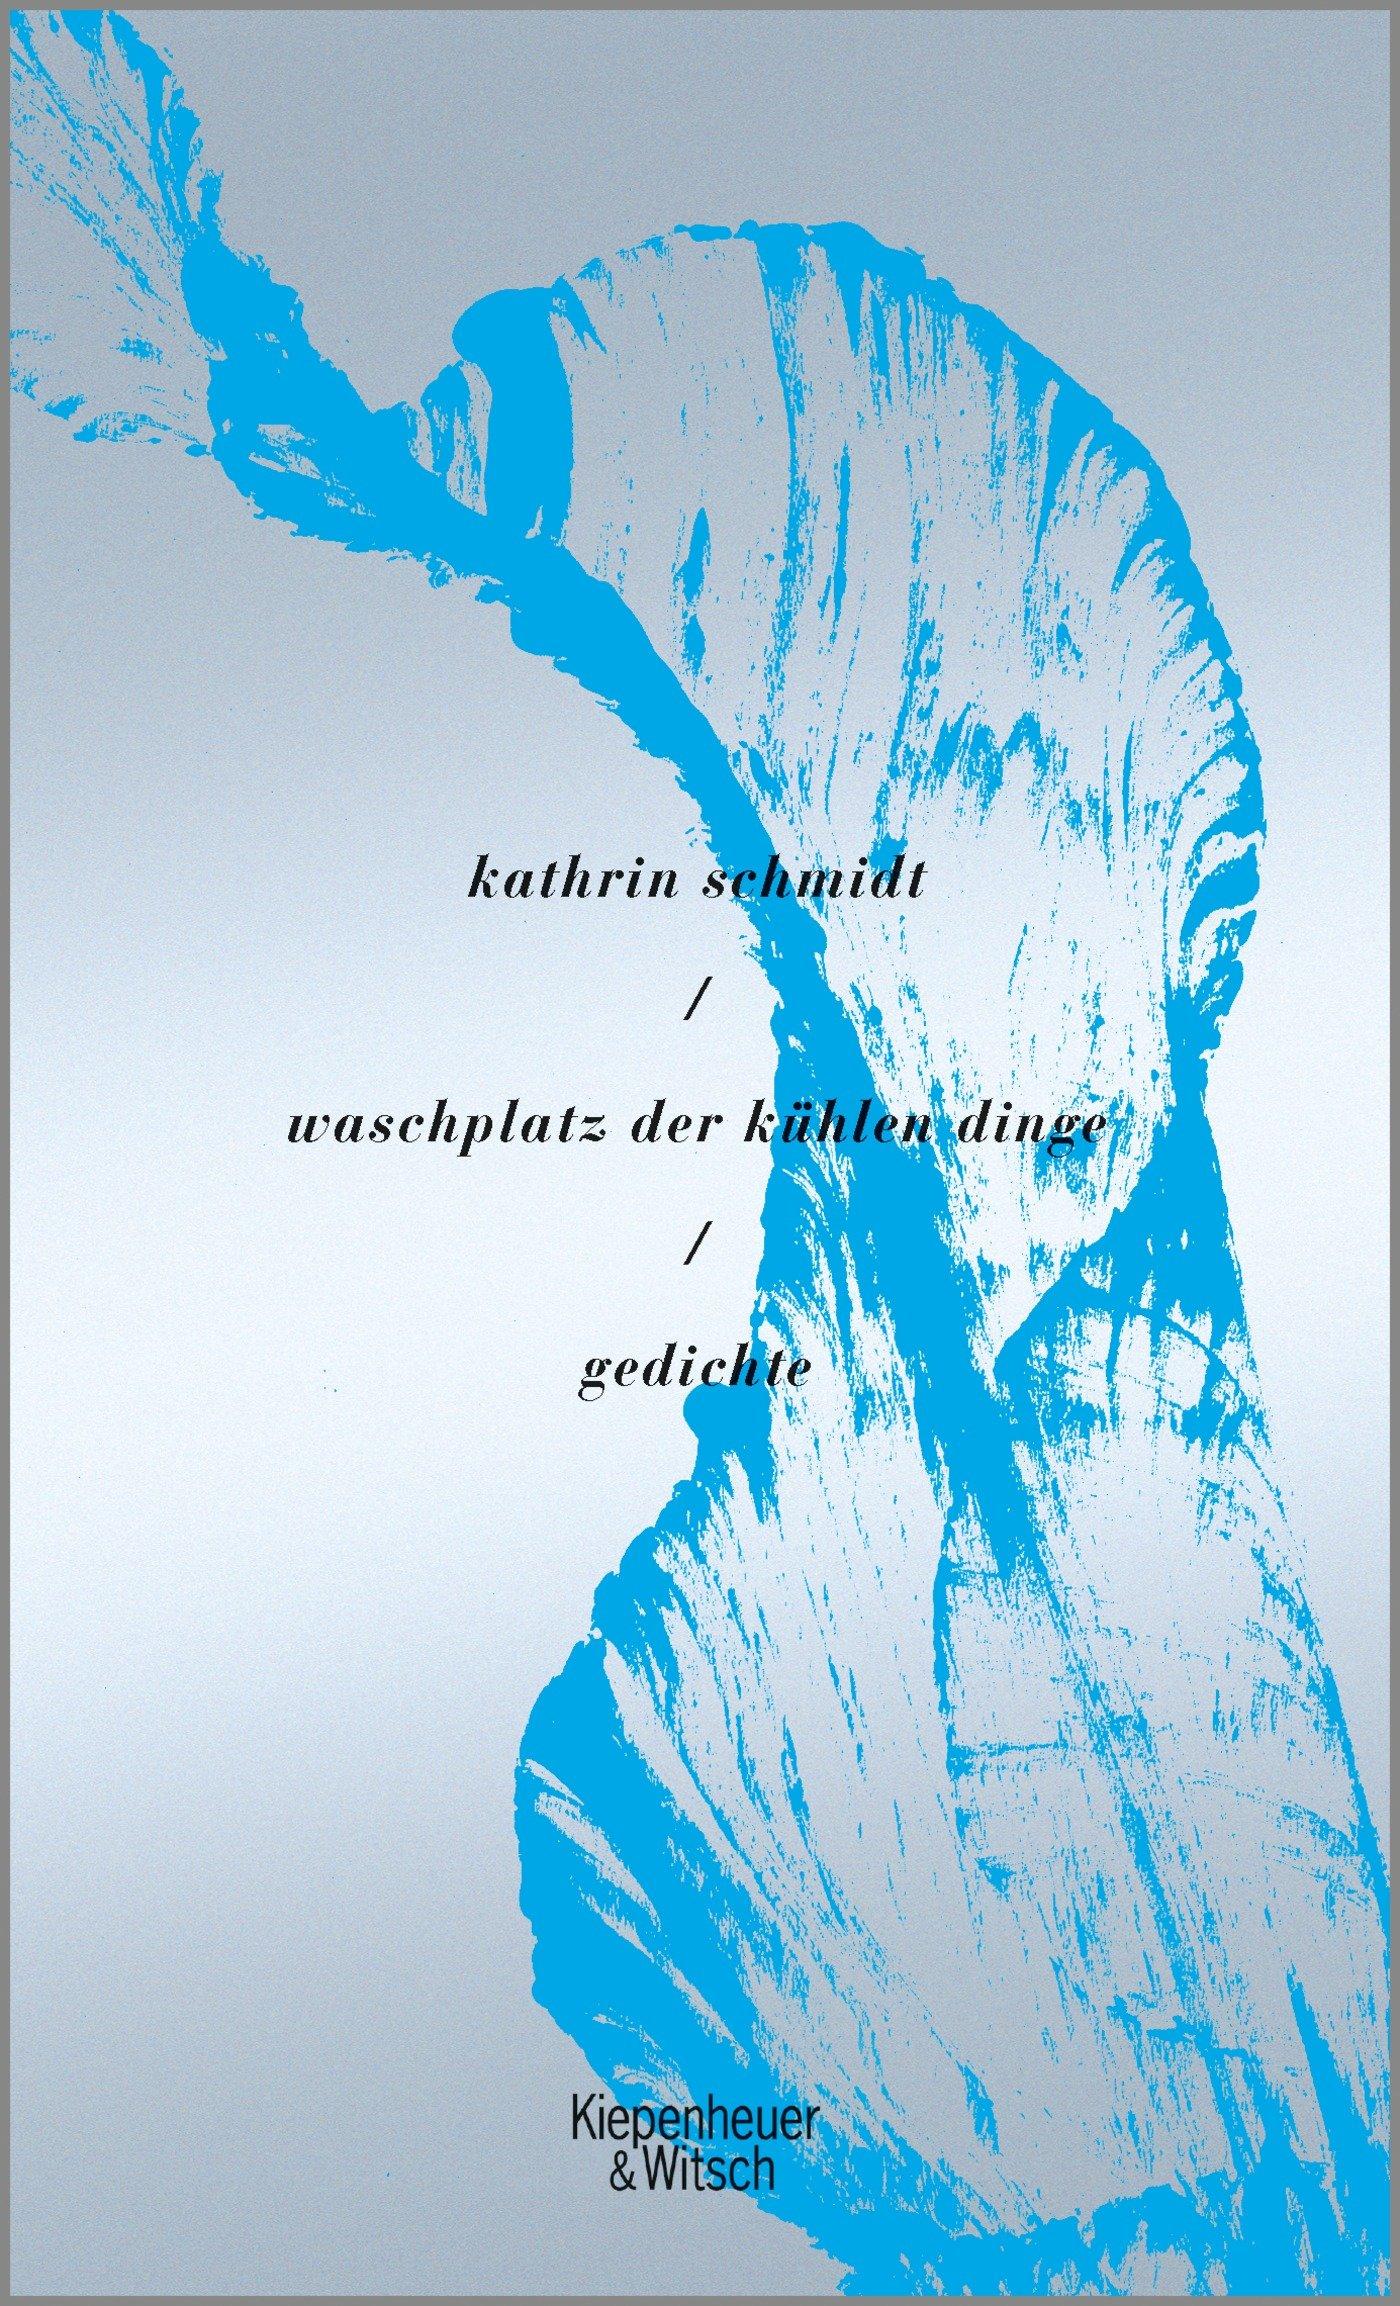 waschplatz der kühlen dinge: Gedichte: Amazon.de: Kathrin Schmidt ...